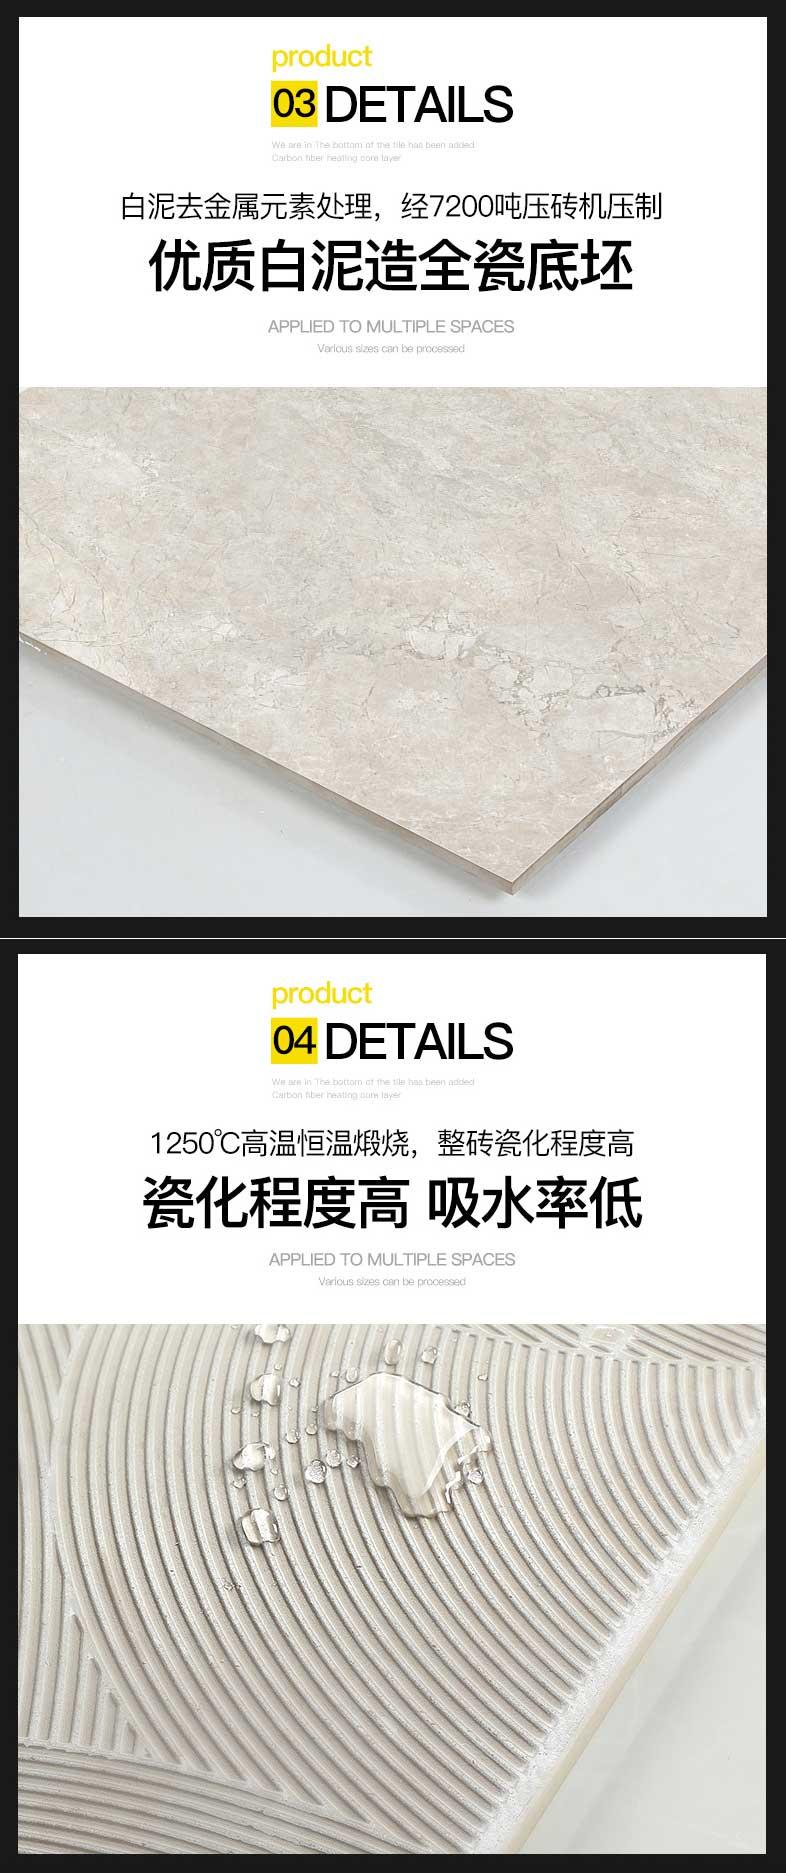 亚细亚瓷砖-客厅全抛釉地砖-凯撒灰_09.jpg